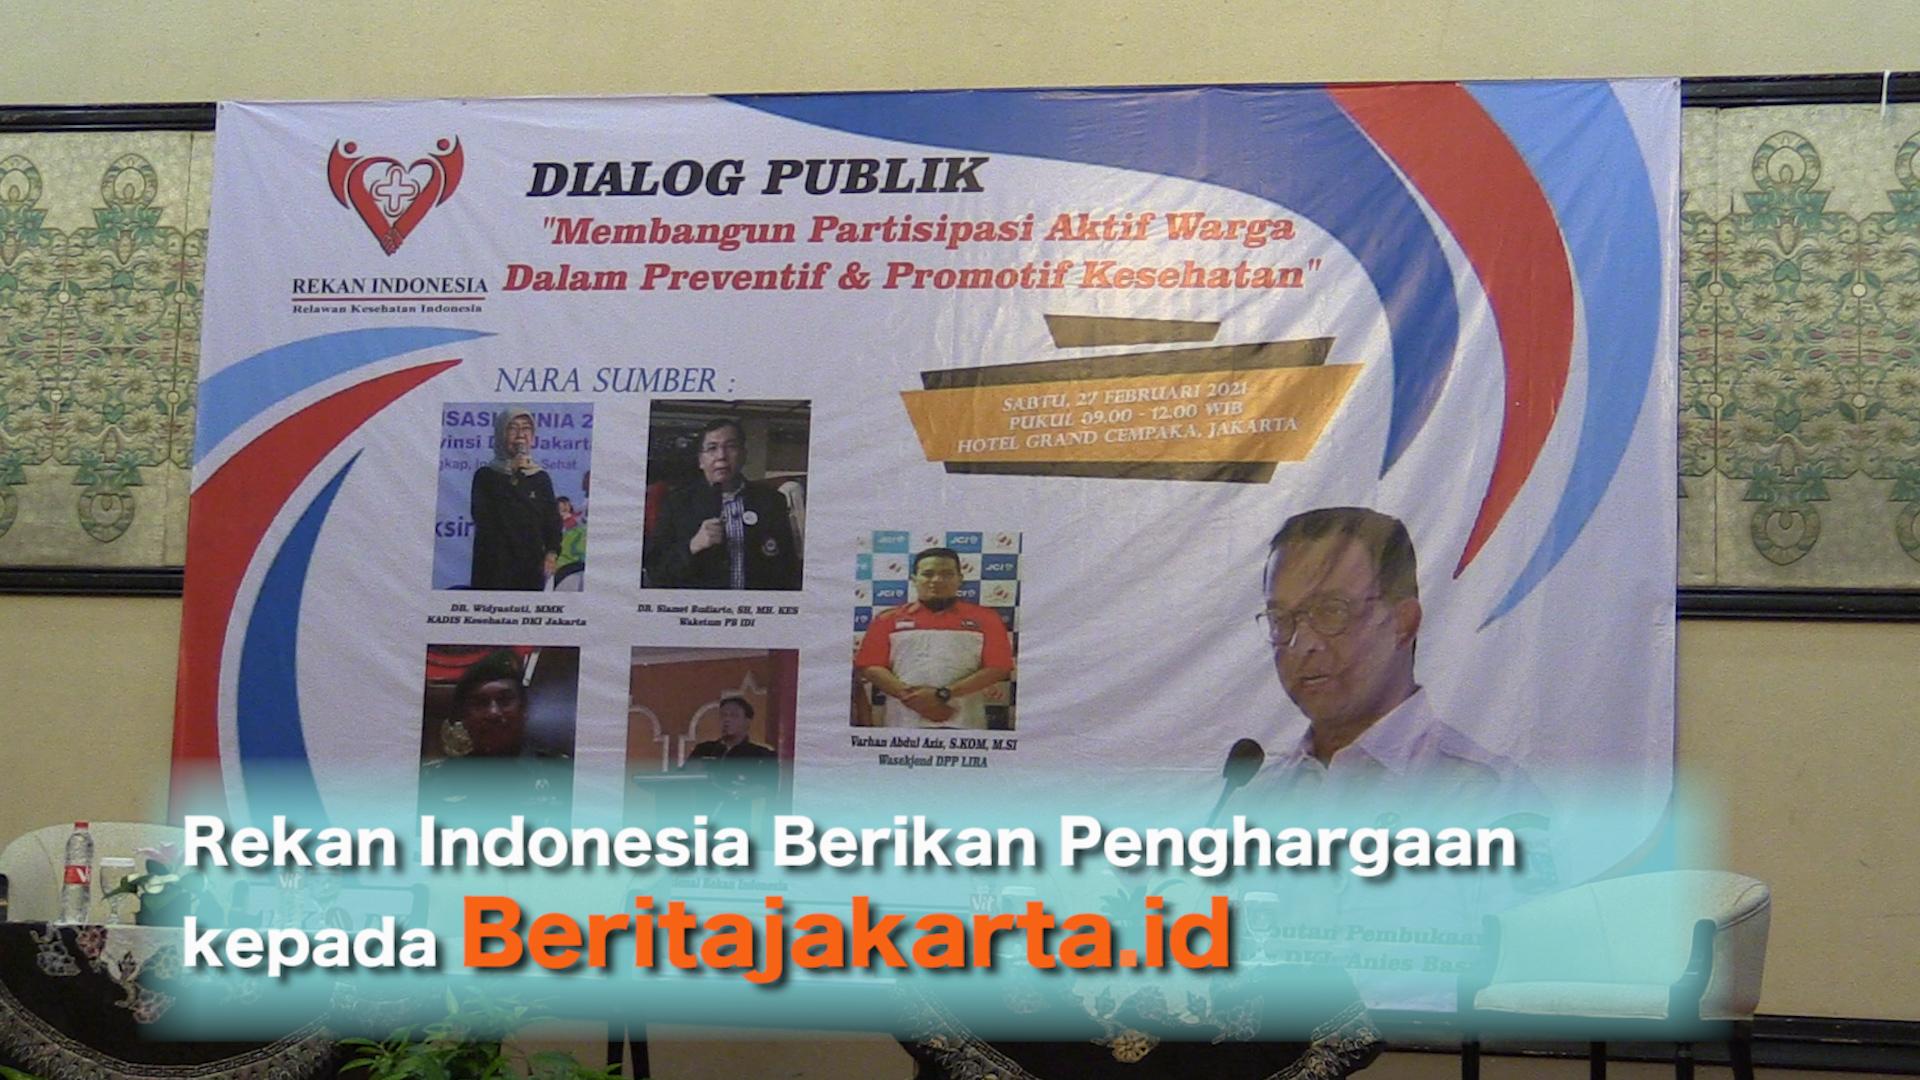 Rekan Indonesia Berikan Penghargaan kepada Beritajakarta.id